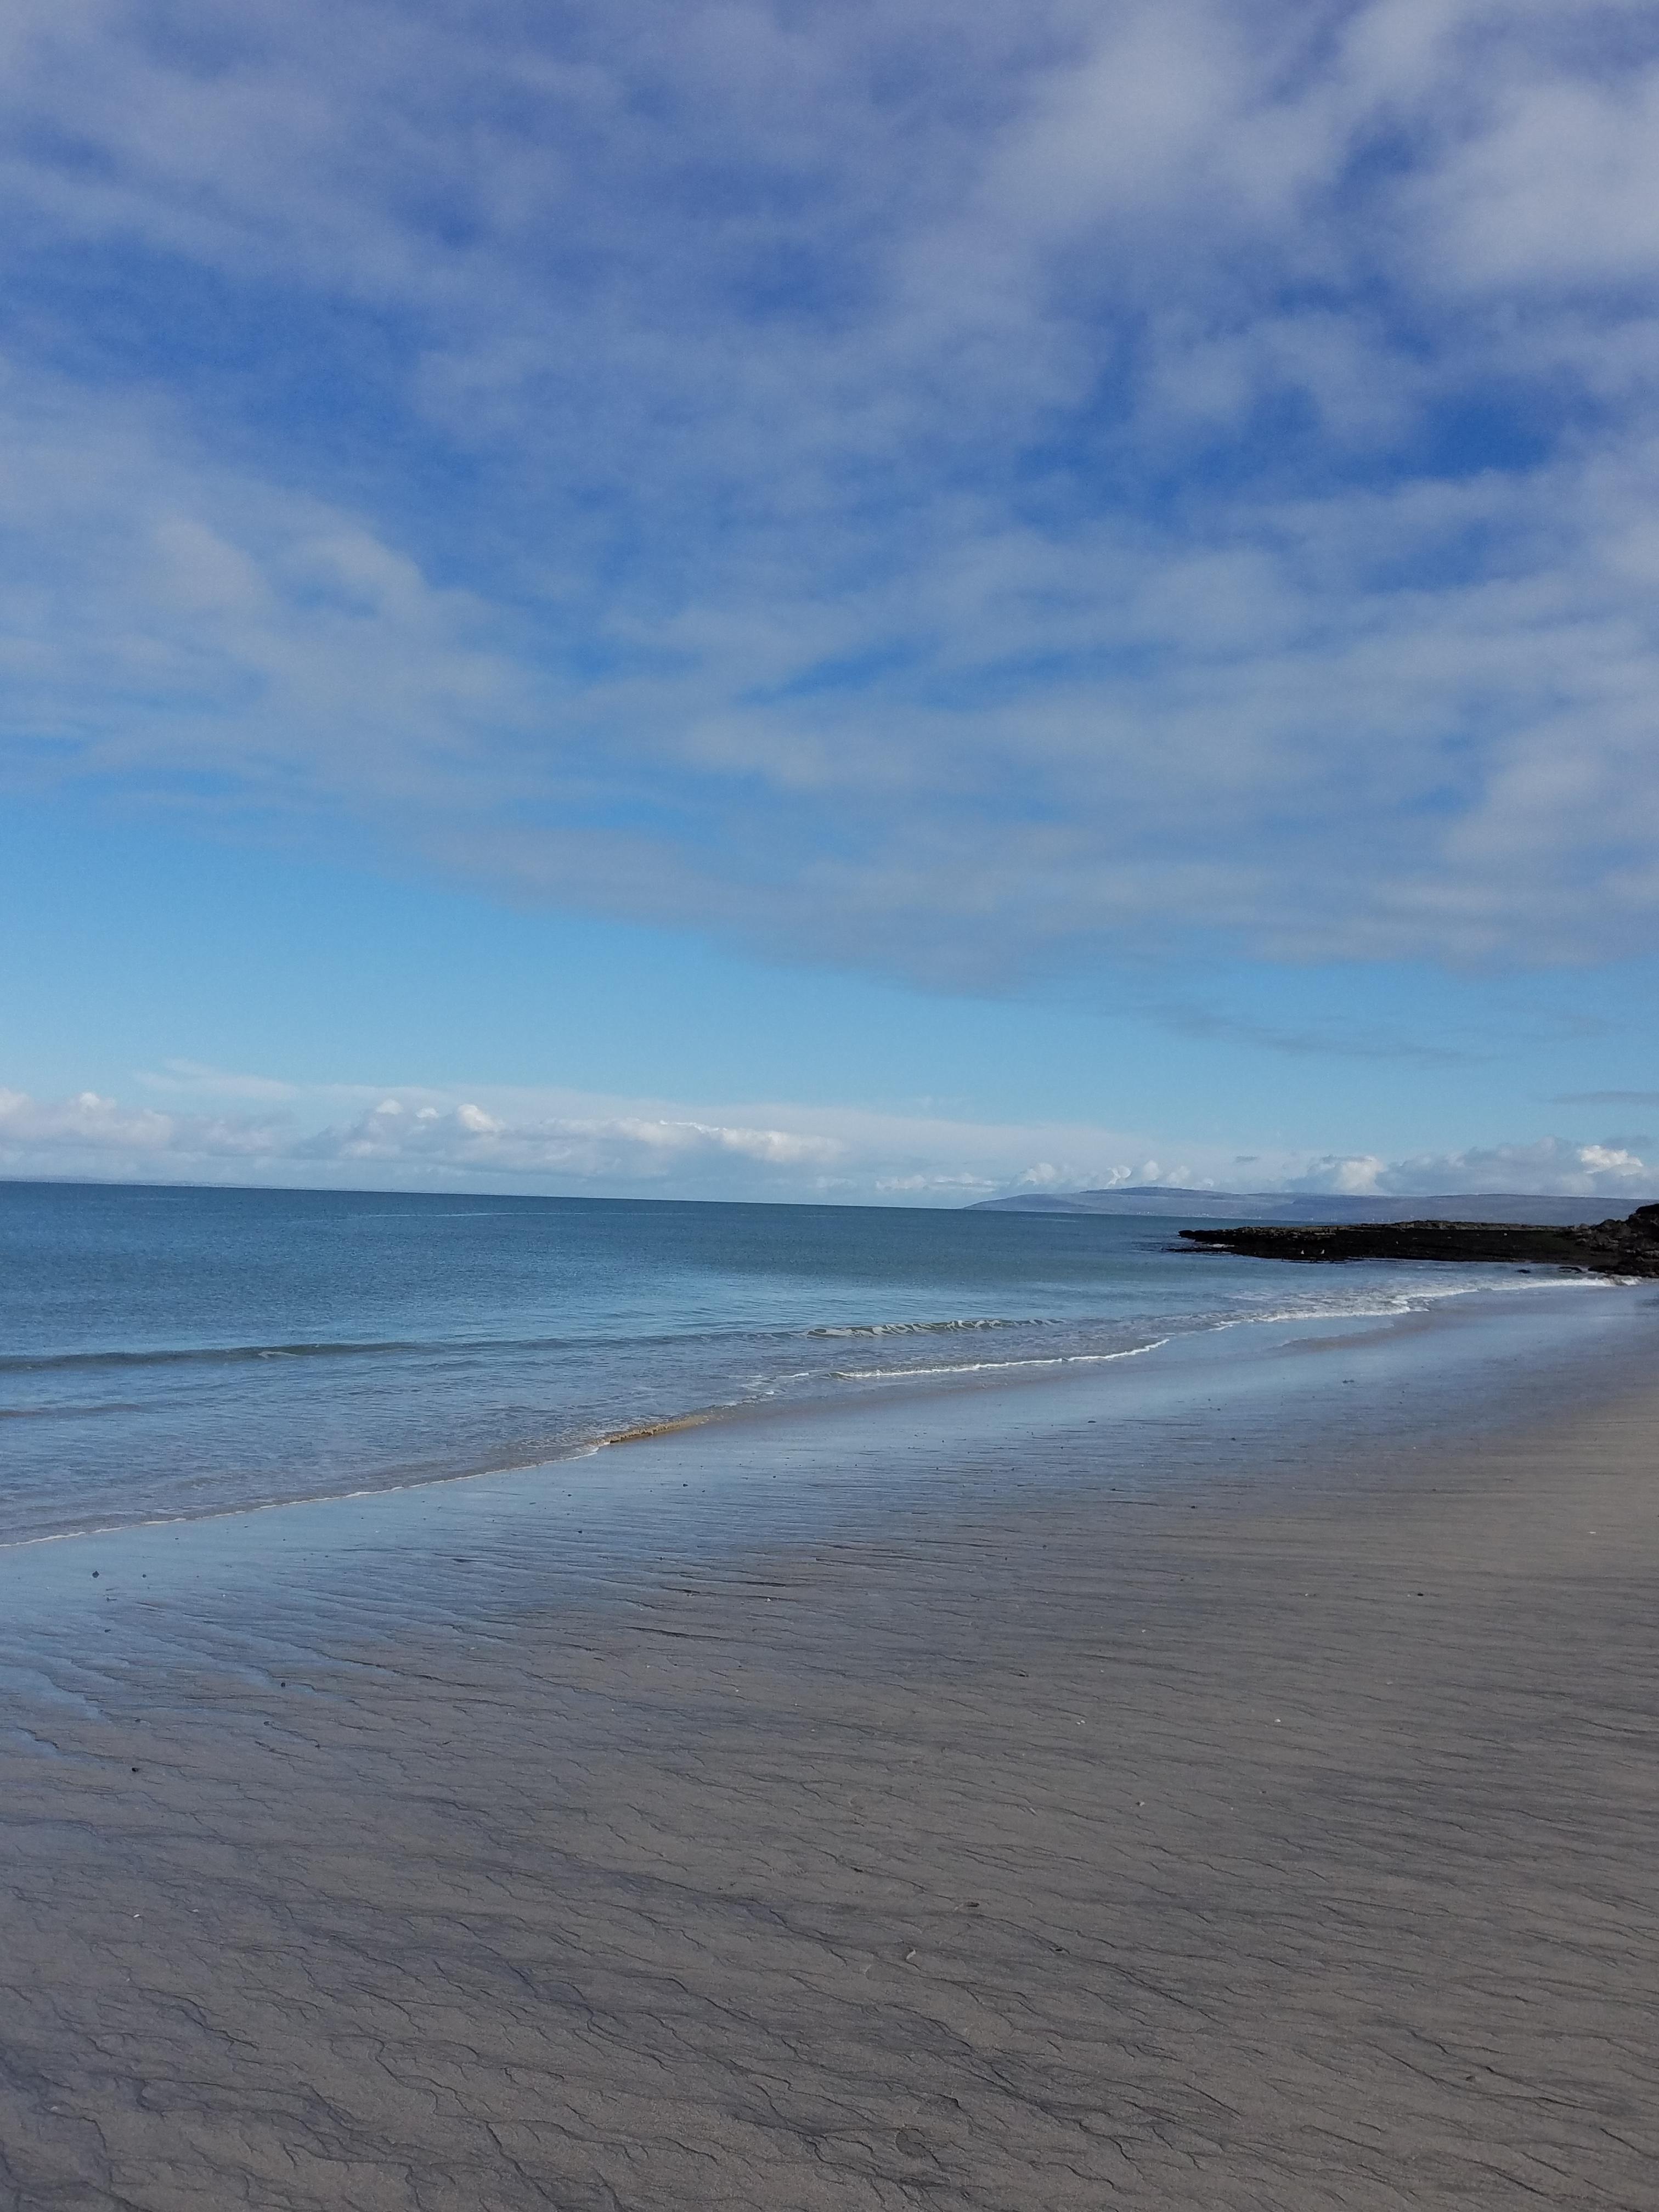 inis oirr beach